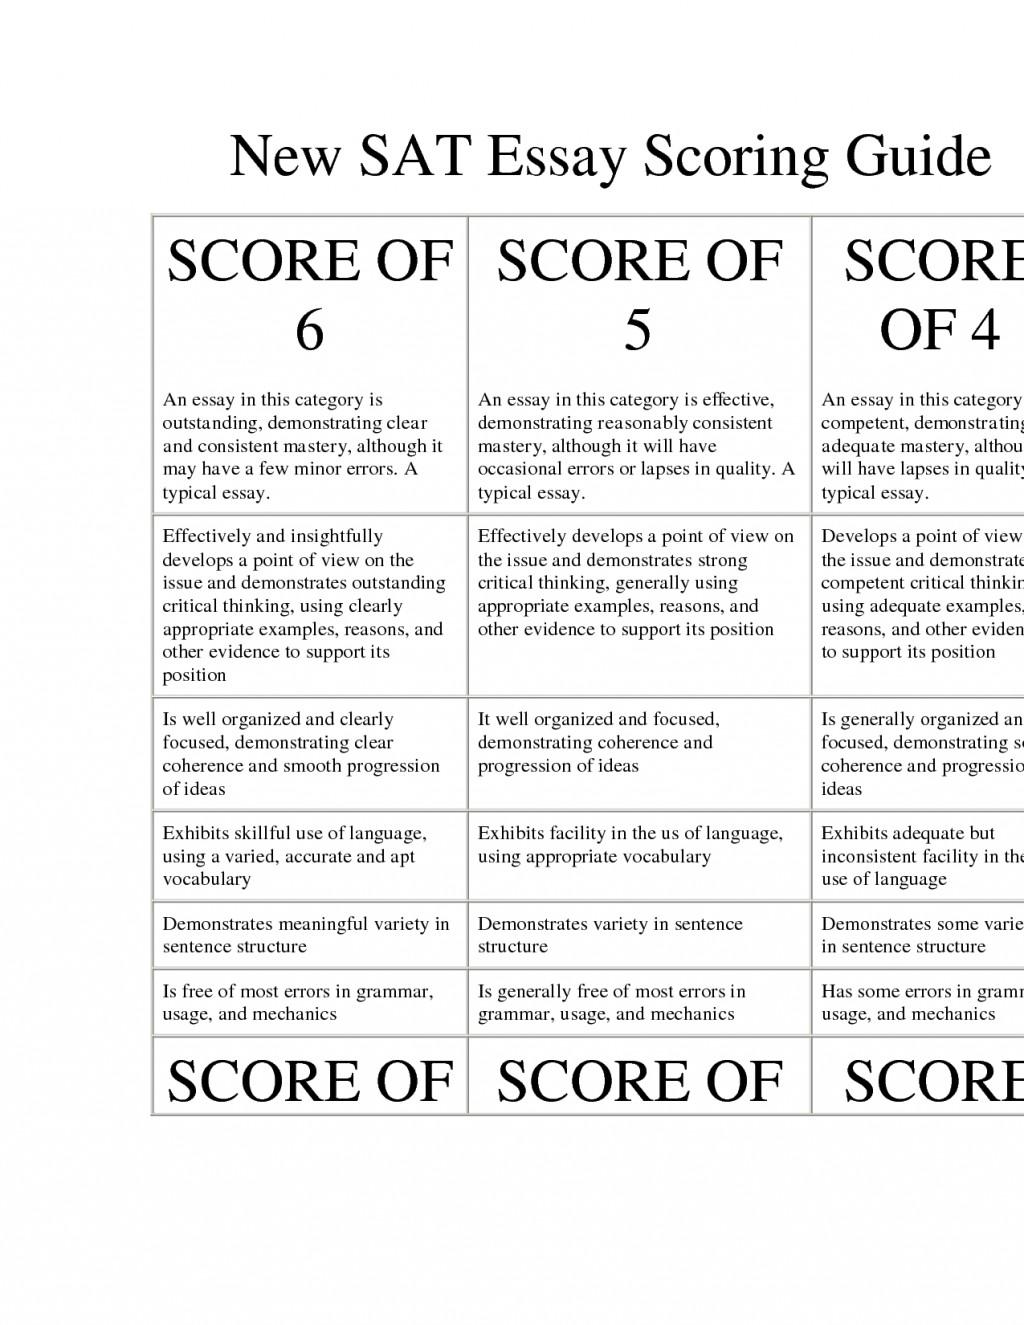 002 Average Sat Essay Score Example Amazing 2016 Large